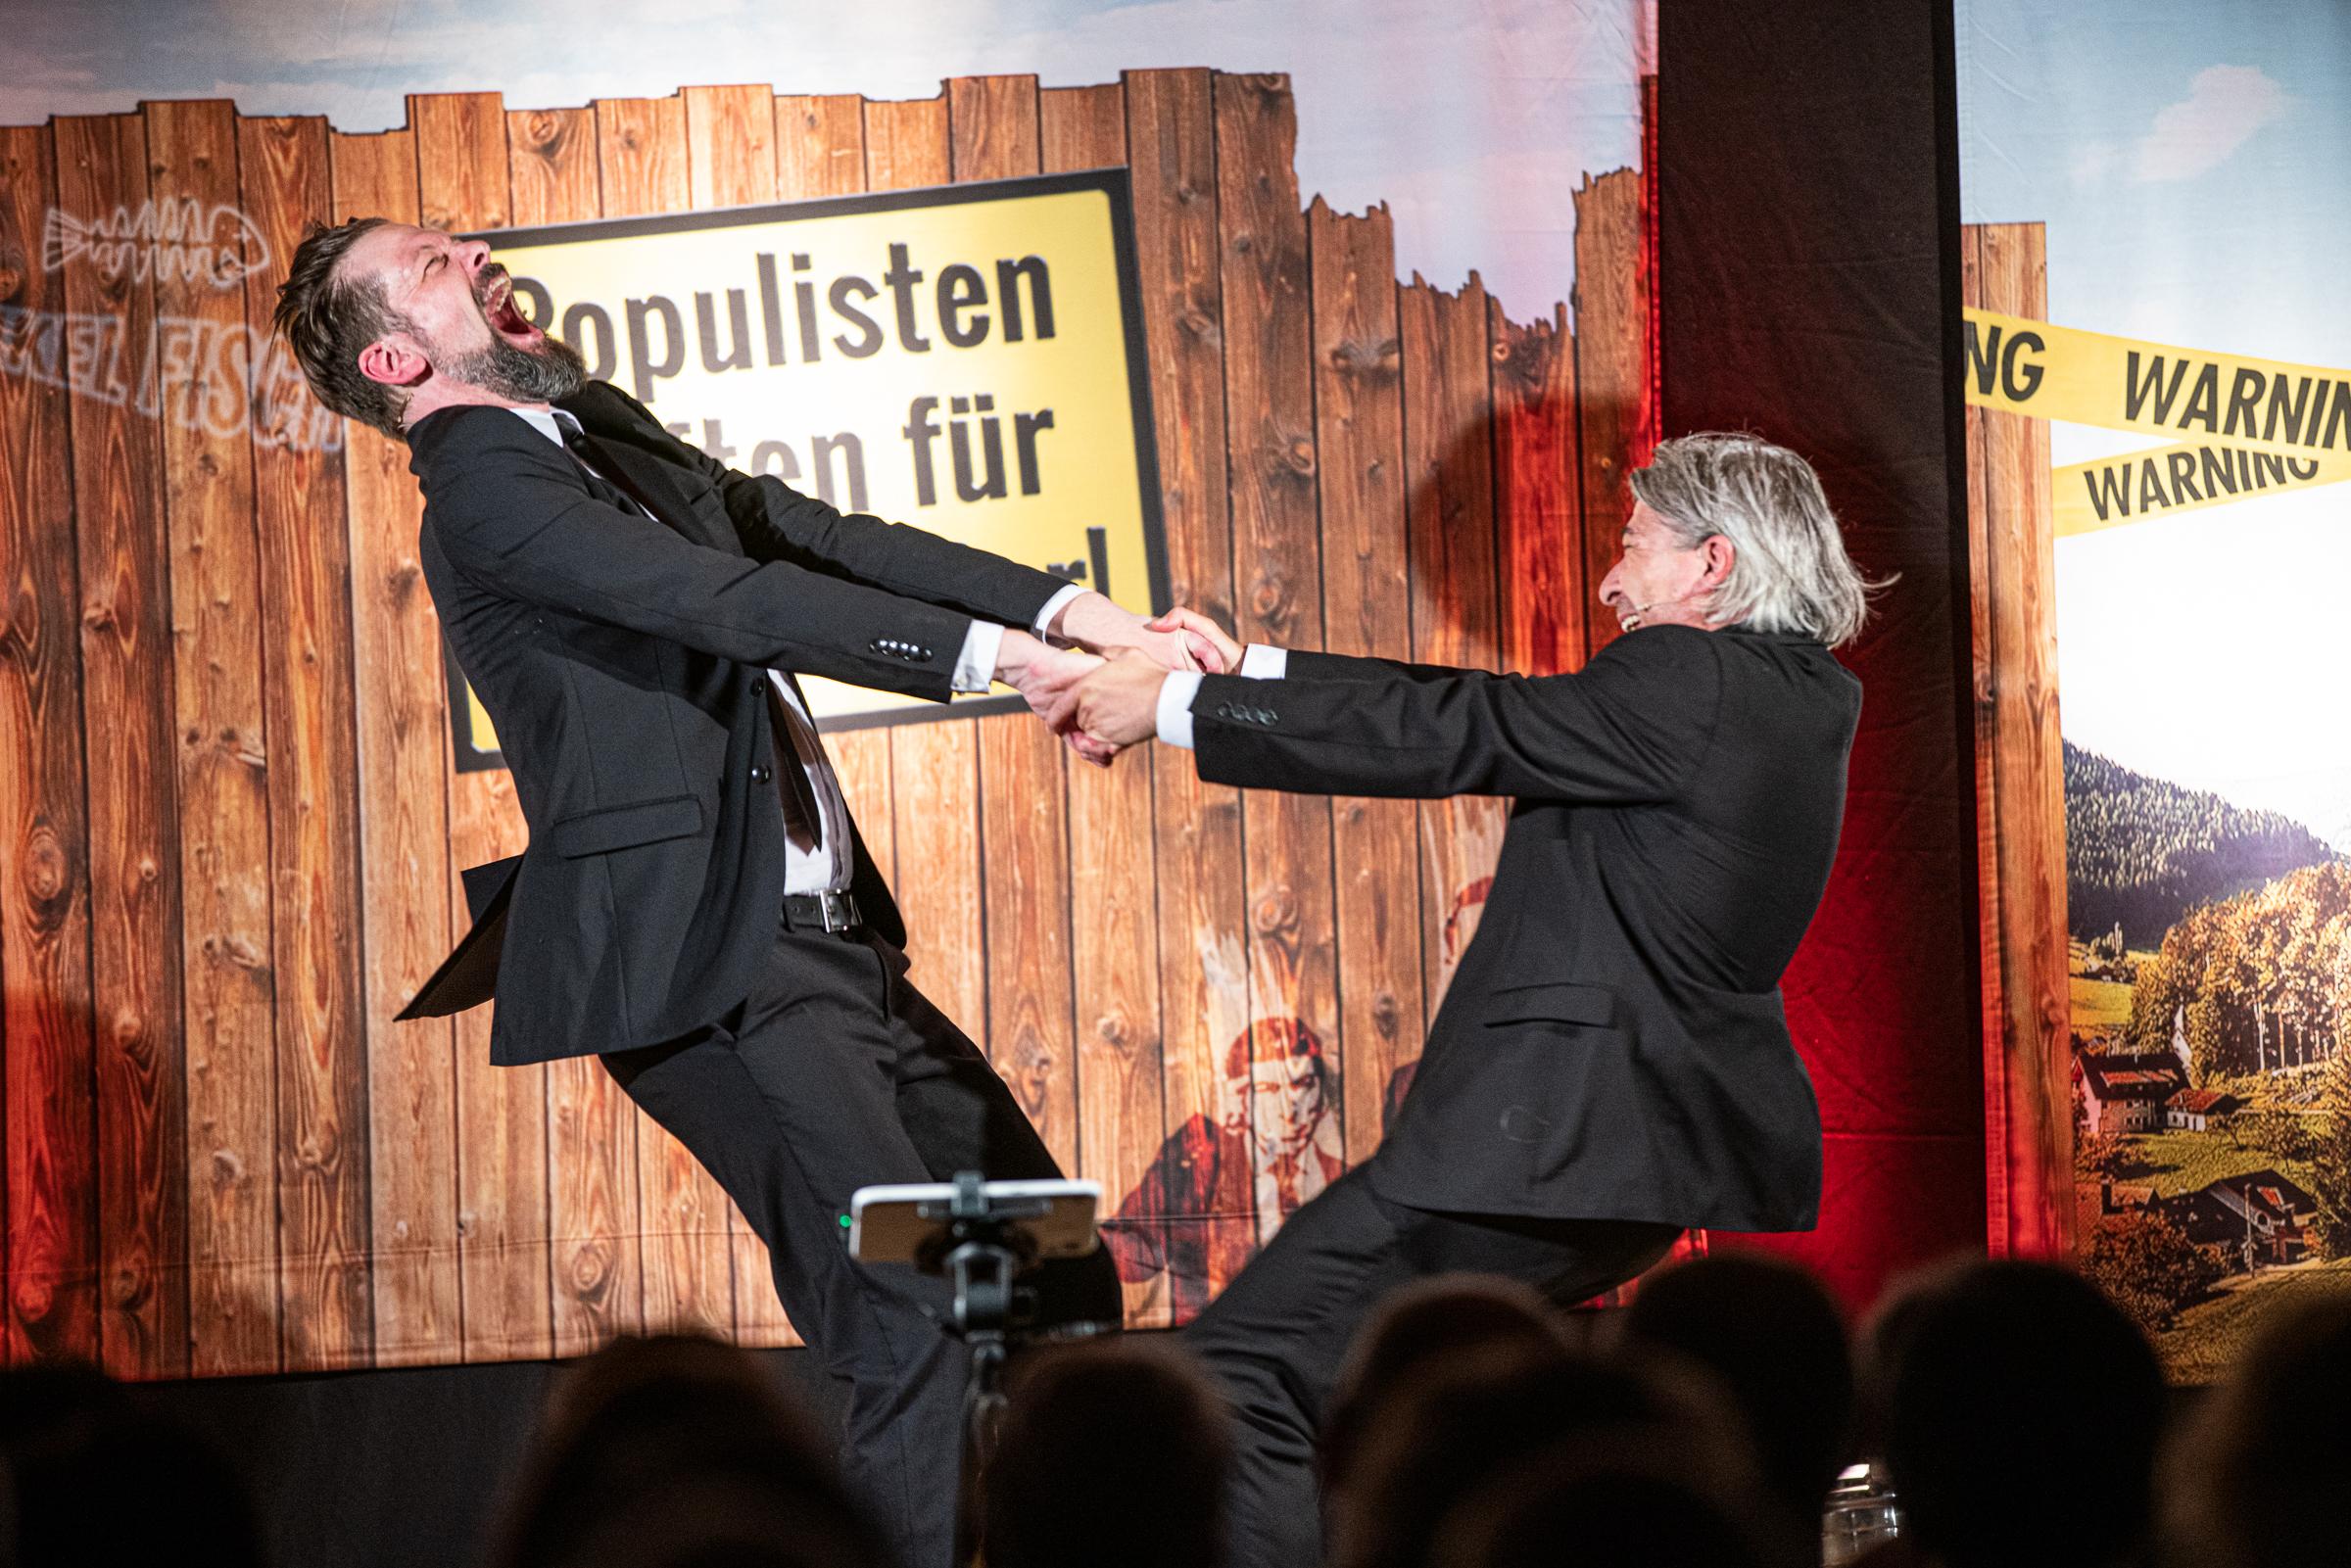 19.10.2019 – ONKEL FISCH in 'Populisten haften für Ihre Kinder'